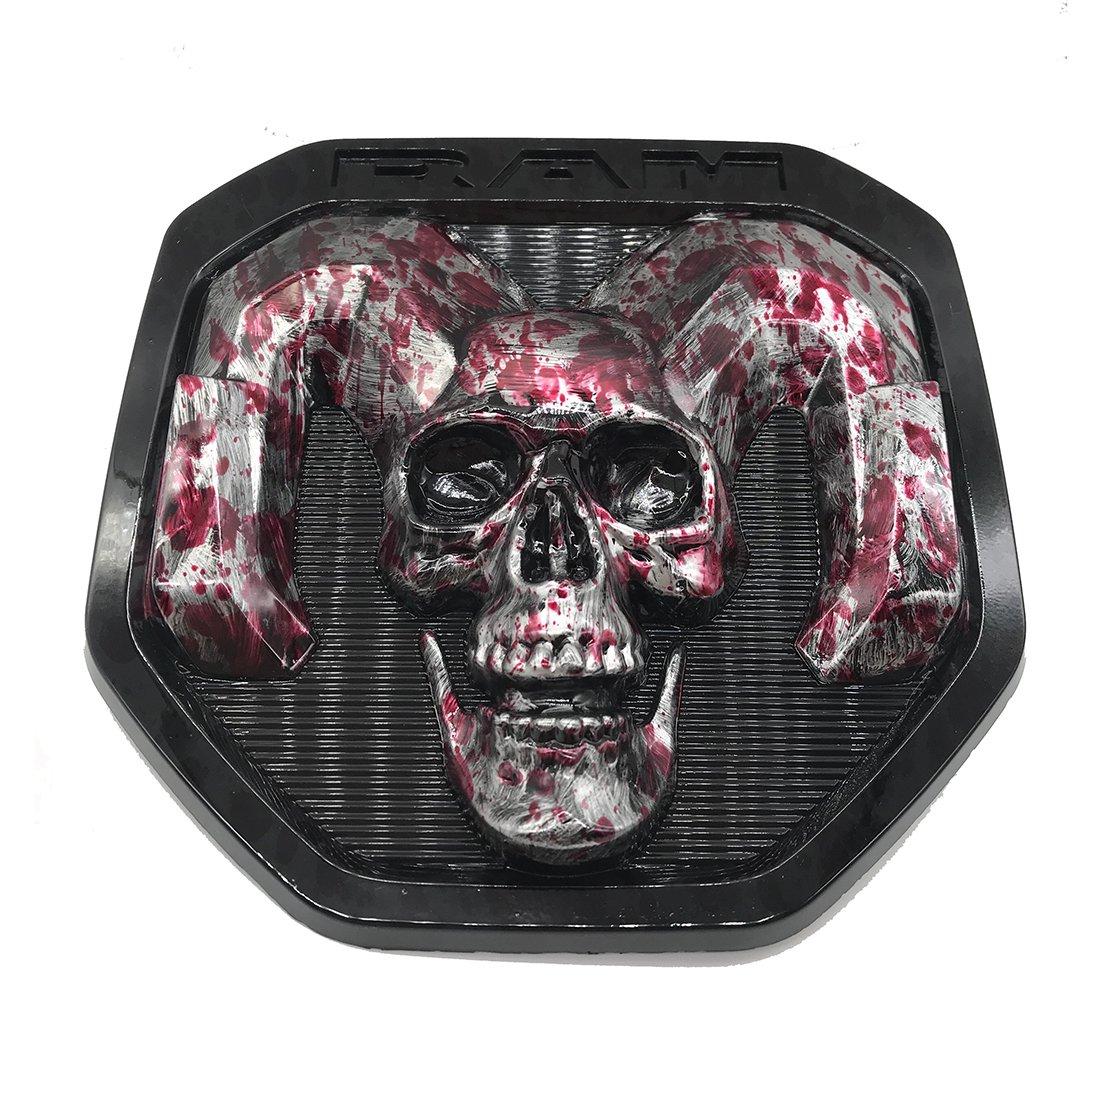 blood skull Tailgate head Emblem Medallion Satin Skul 2019-2020 for Dodge RAM 1500 DT 1500 2500 3500